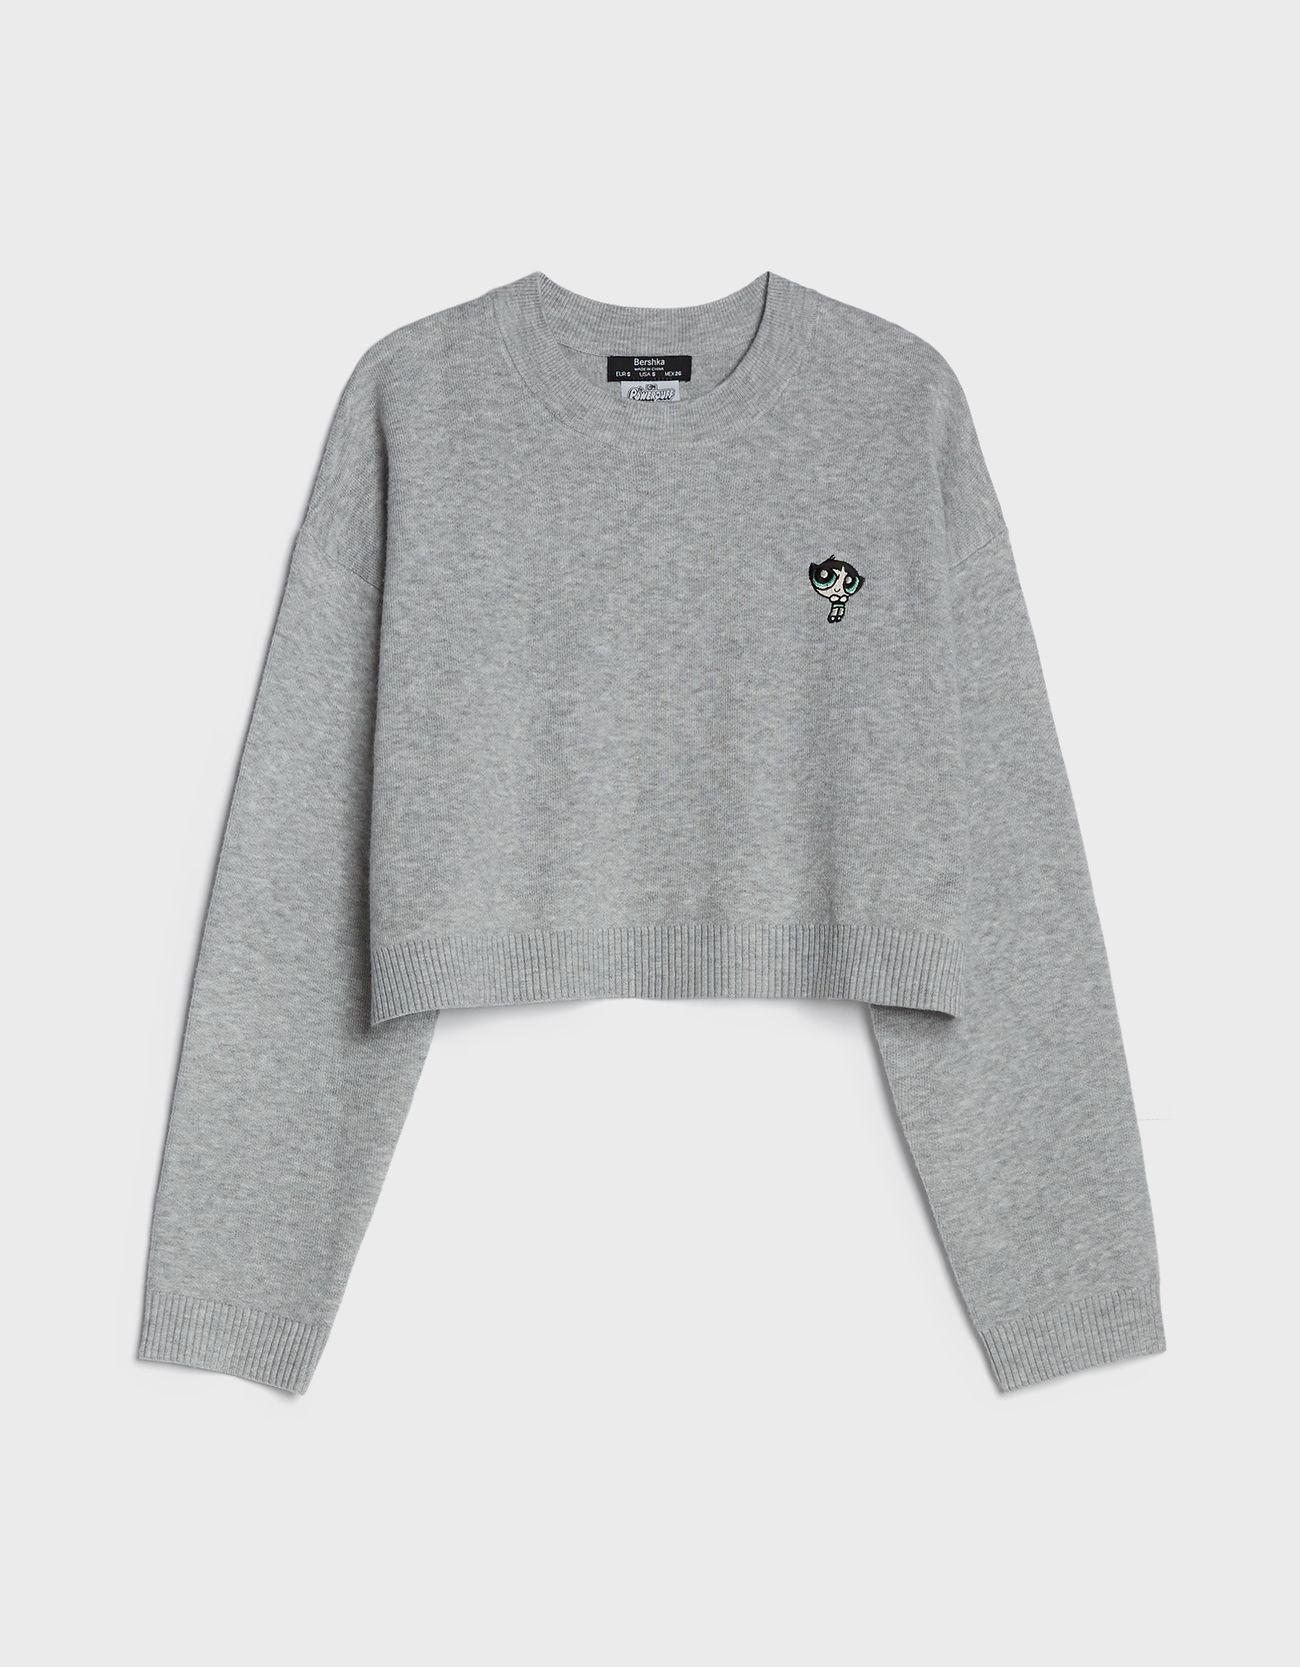 Jersey de punto cropped en gris.